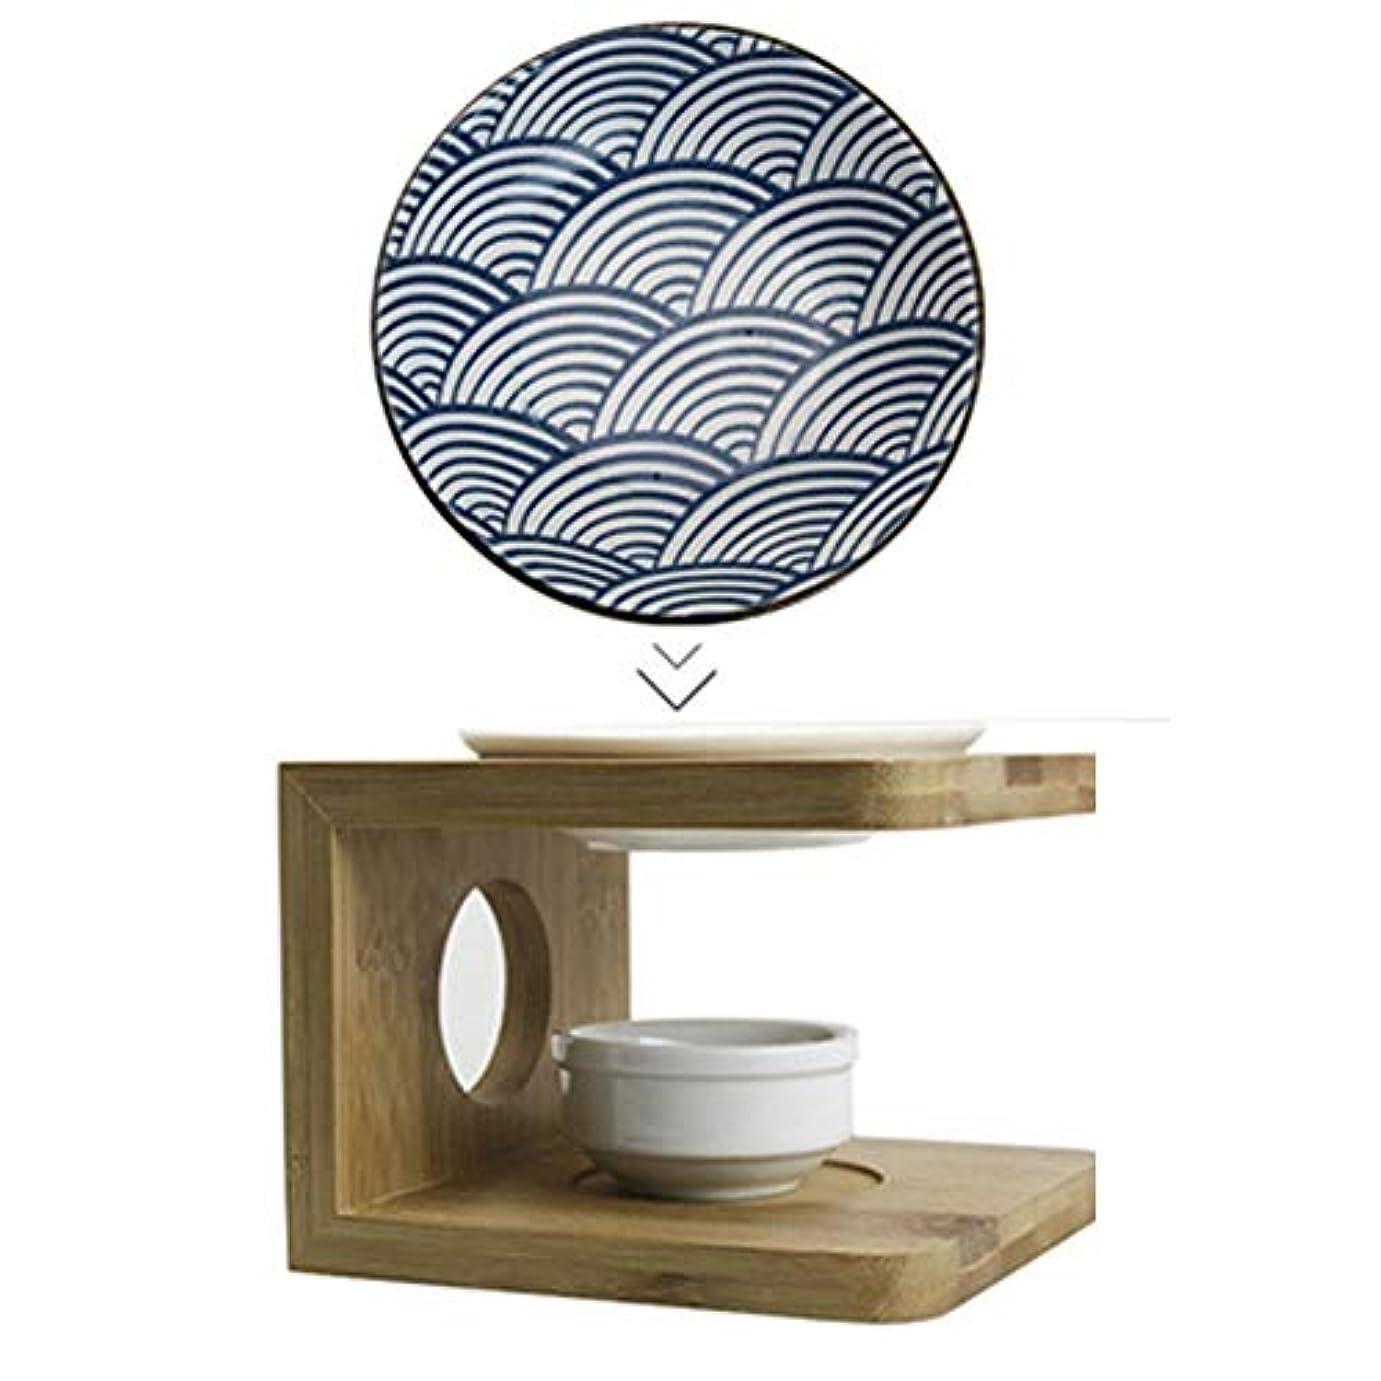 立派な系統的認識お換えのお皿 青いお皿茶香炉 陶器茶香炉 茶こうろ 茶 インテリア アロマディフューザー 精油和風 アロマ リビング セット (ブルー)